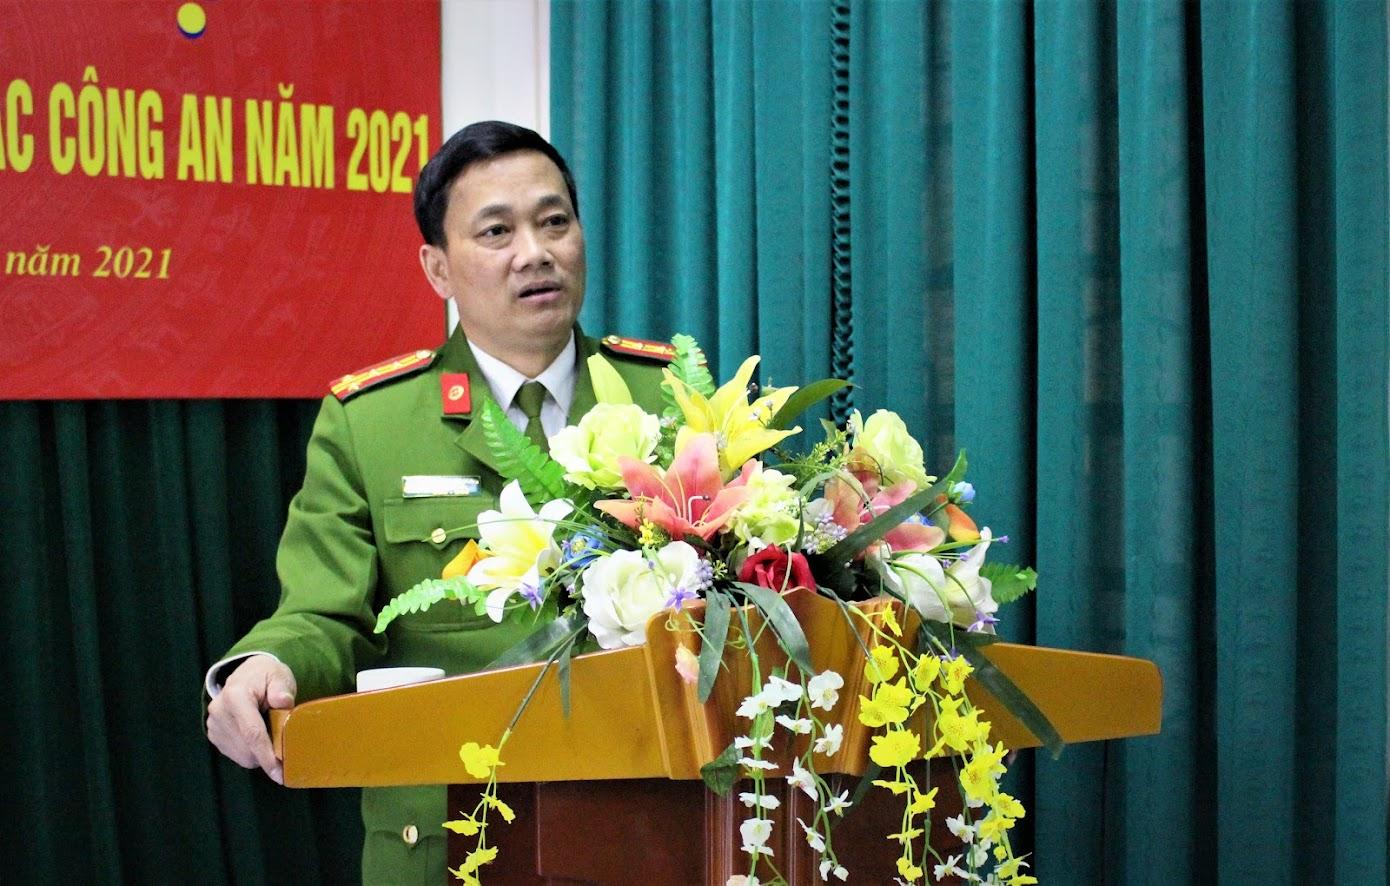 Đại tá Nguyễn Mạnh Hùng, Phó Giám đốc Công an tỉnh nhấn mạnh những nhiệm vụ trọng tâm mà Phòng Kỹ thuật hình sự cần tập trung thực hiện trong thời gian tới